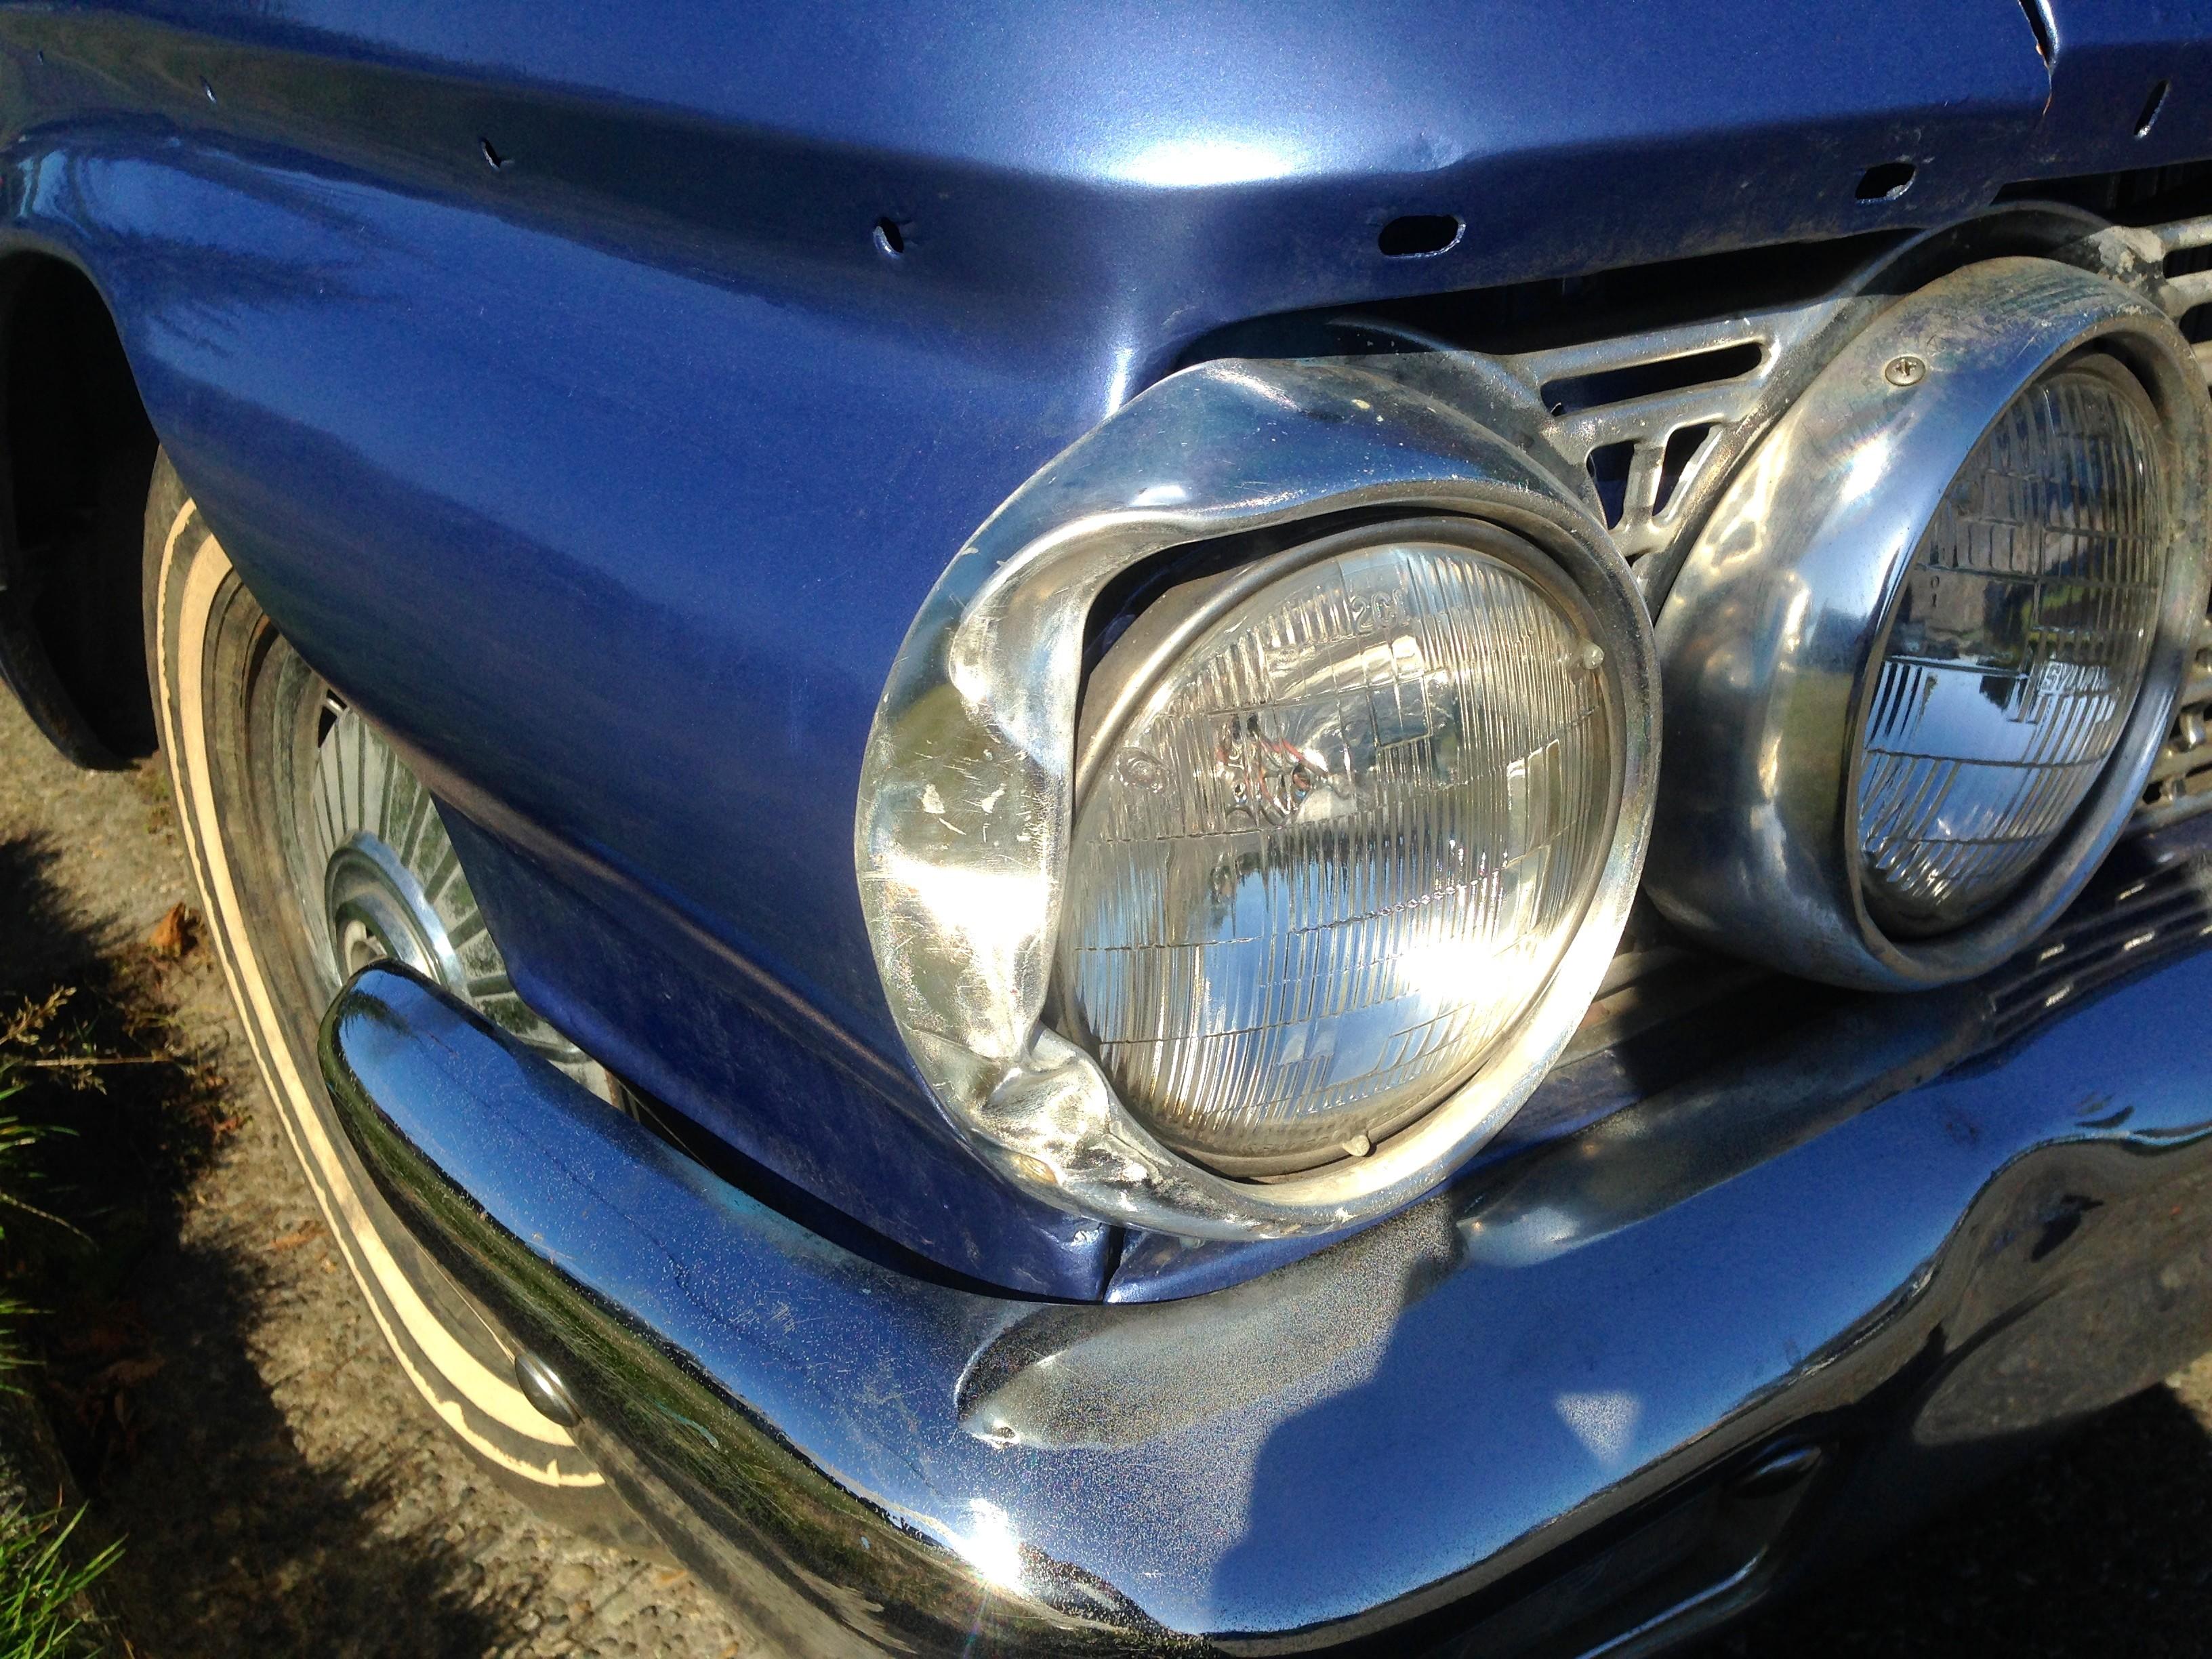 1962 Galaxie outer headlight bezel